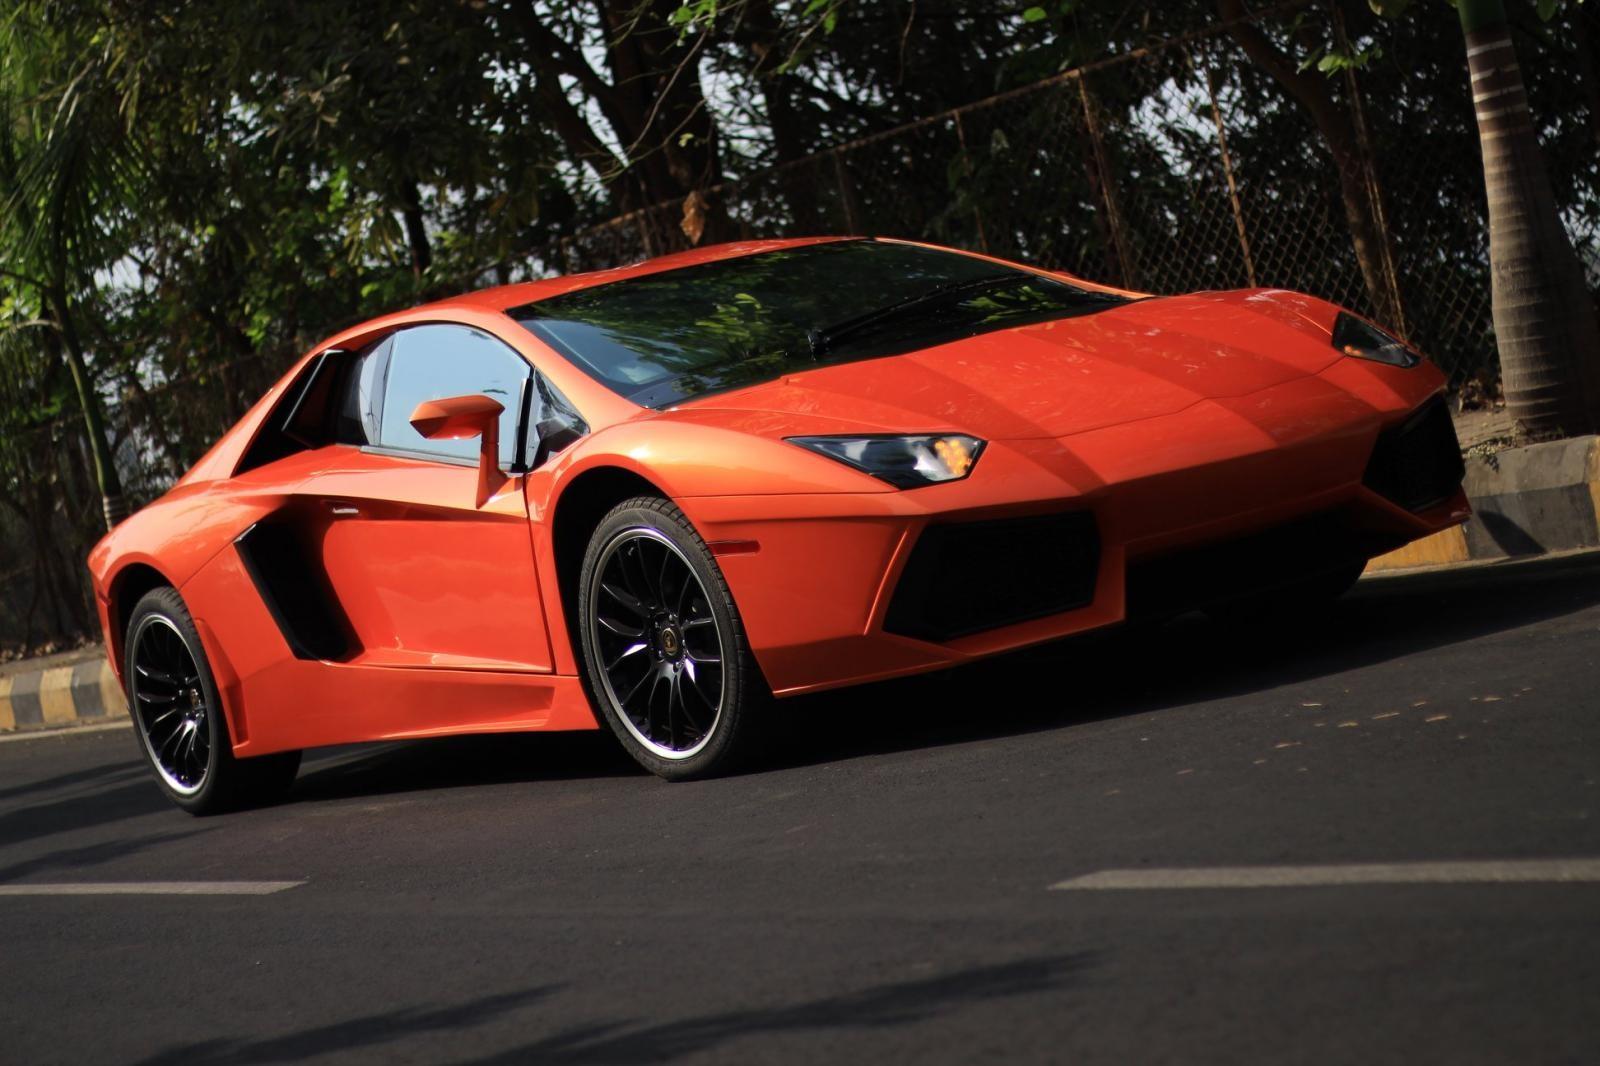 Nhìn thoáng qua, có lẽ ai cũng nghĩ đây là một chiếc Lamborghini Aventador xịn